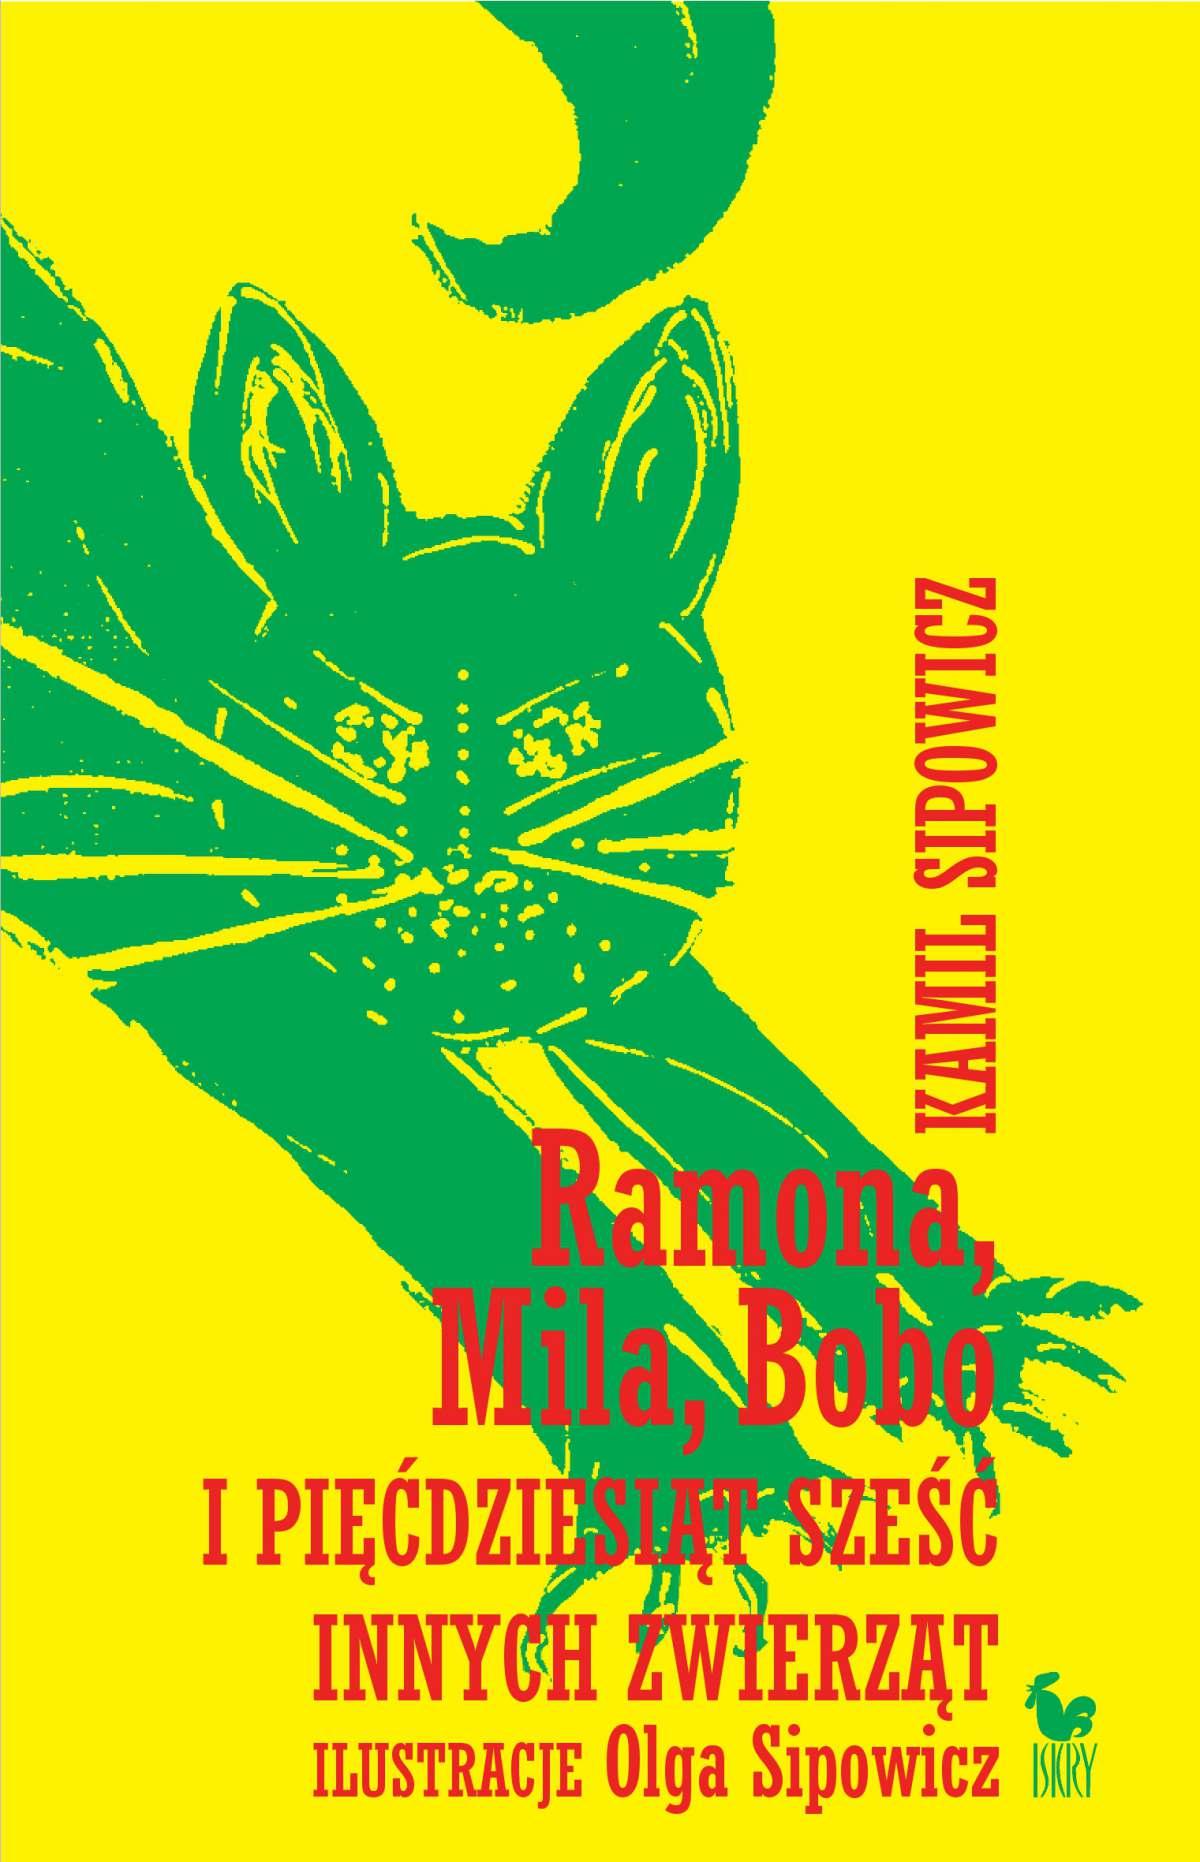 Ramona, Mila, Bobo i pięćdziesiąt sześć innych zwierząt - Ebook (Książka EPUB) do pobrania w formacie EPUB